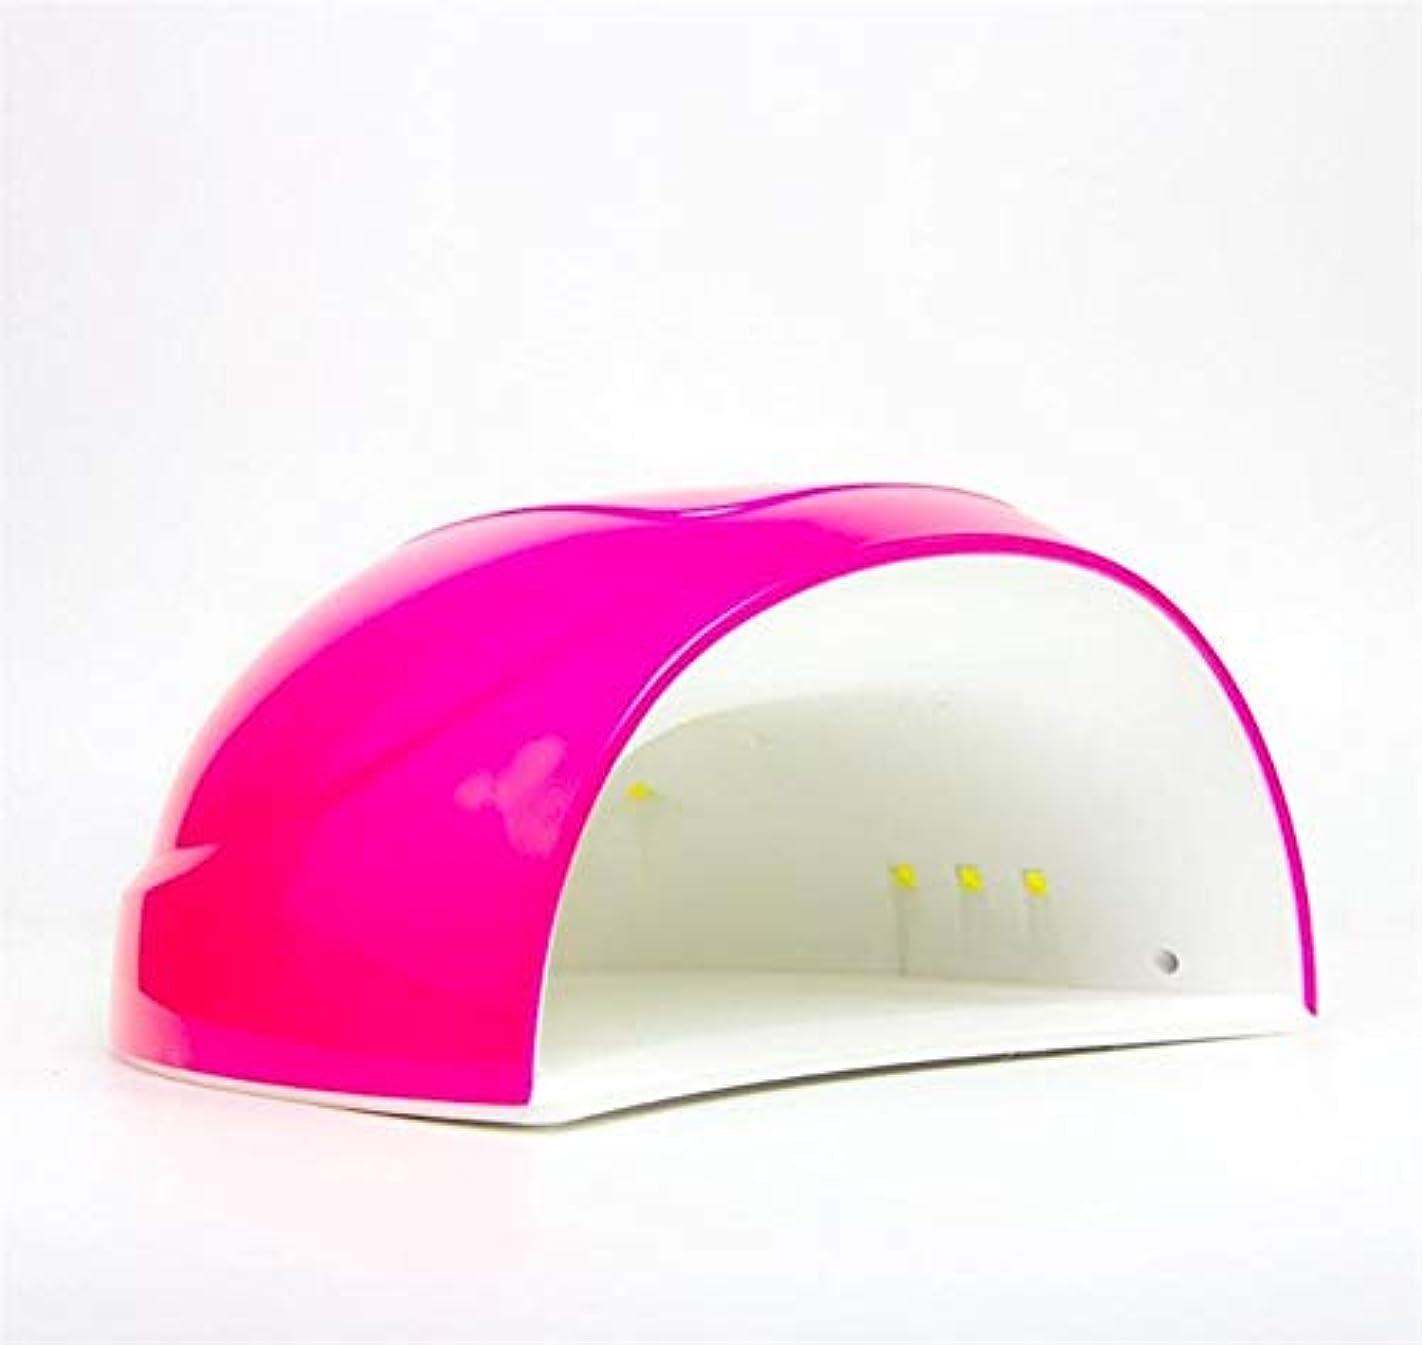 クロールソーシャル白いFMEZY 36W LED UVネイルランプネイルドライヤーライトマシン用硬化ゲルネイルポリッシュネイルアートマニキュアツール付き自動センサー、タイマー設定、取り外し可能なトレイ